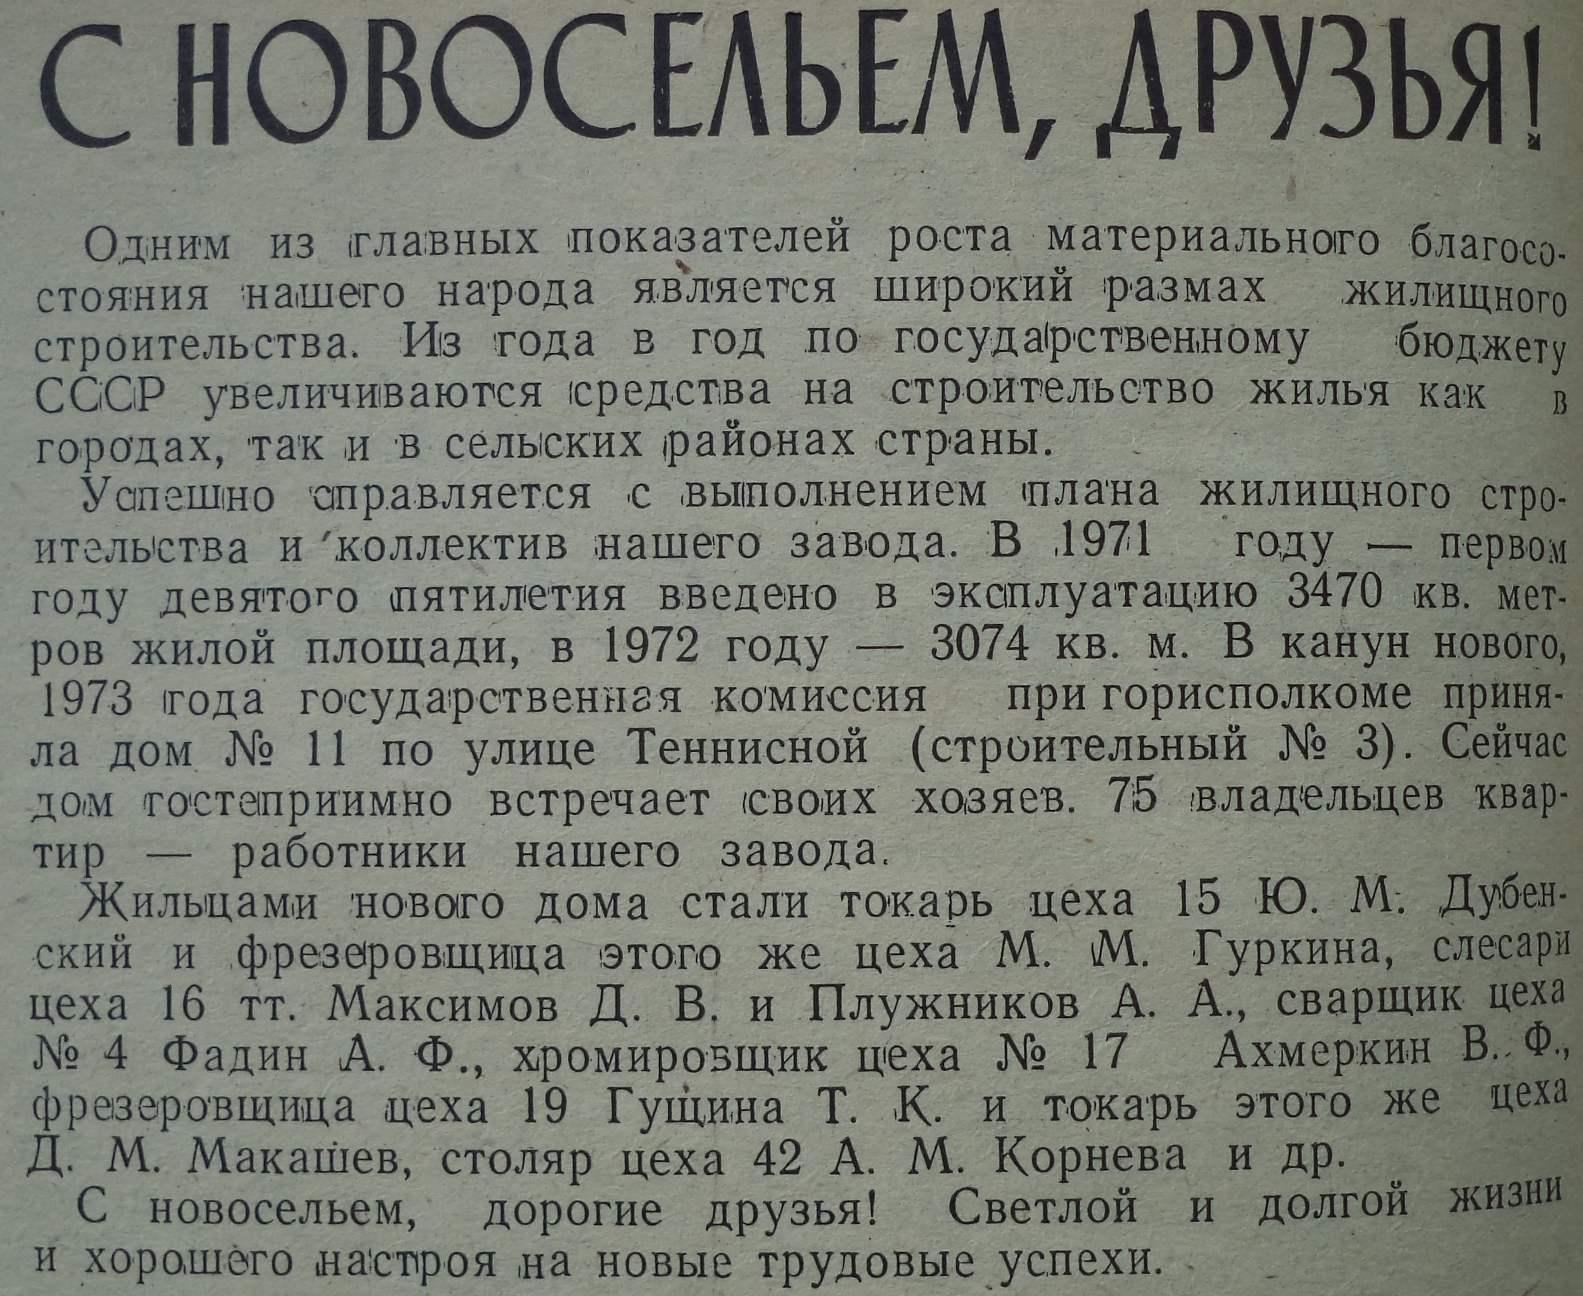 Теннисная-ФОТО-22-Передовик-1973-31 января-min